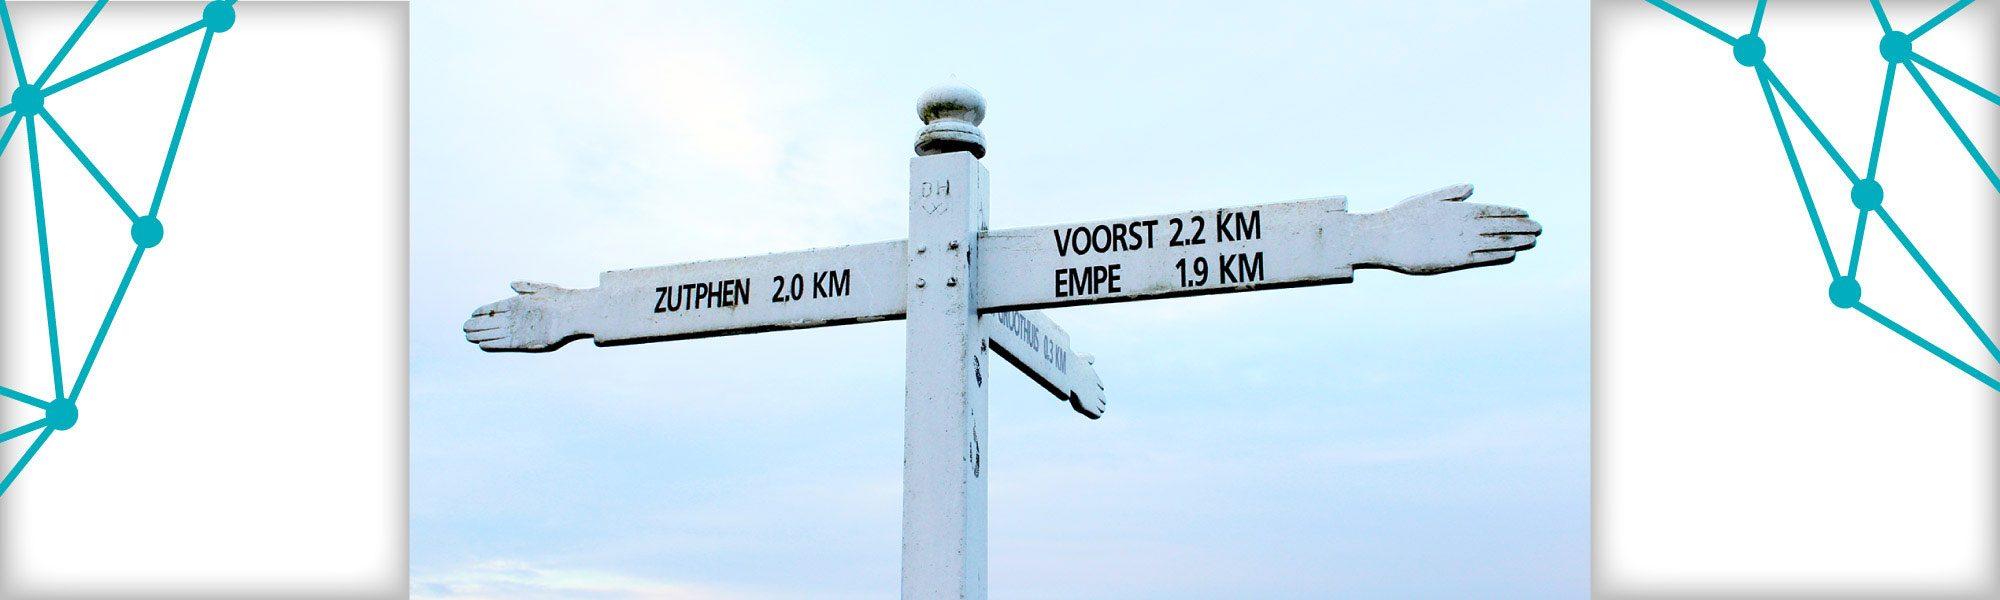 Zelfstandig ondernemers Zutphen vakmensen vinden Zutphen